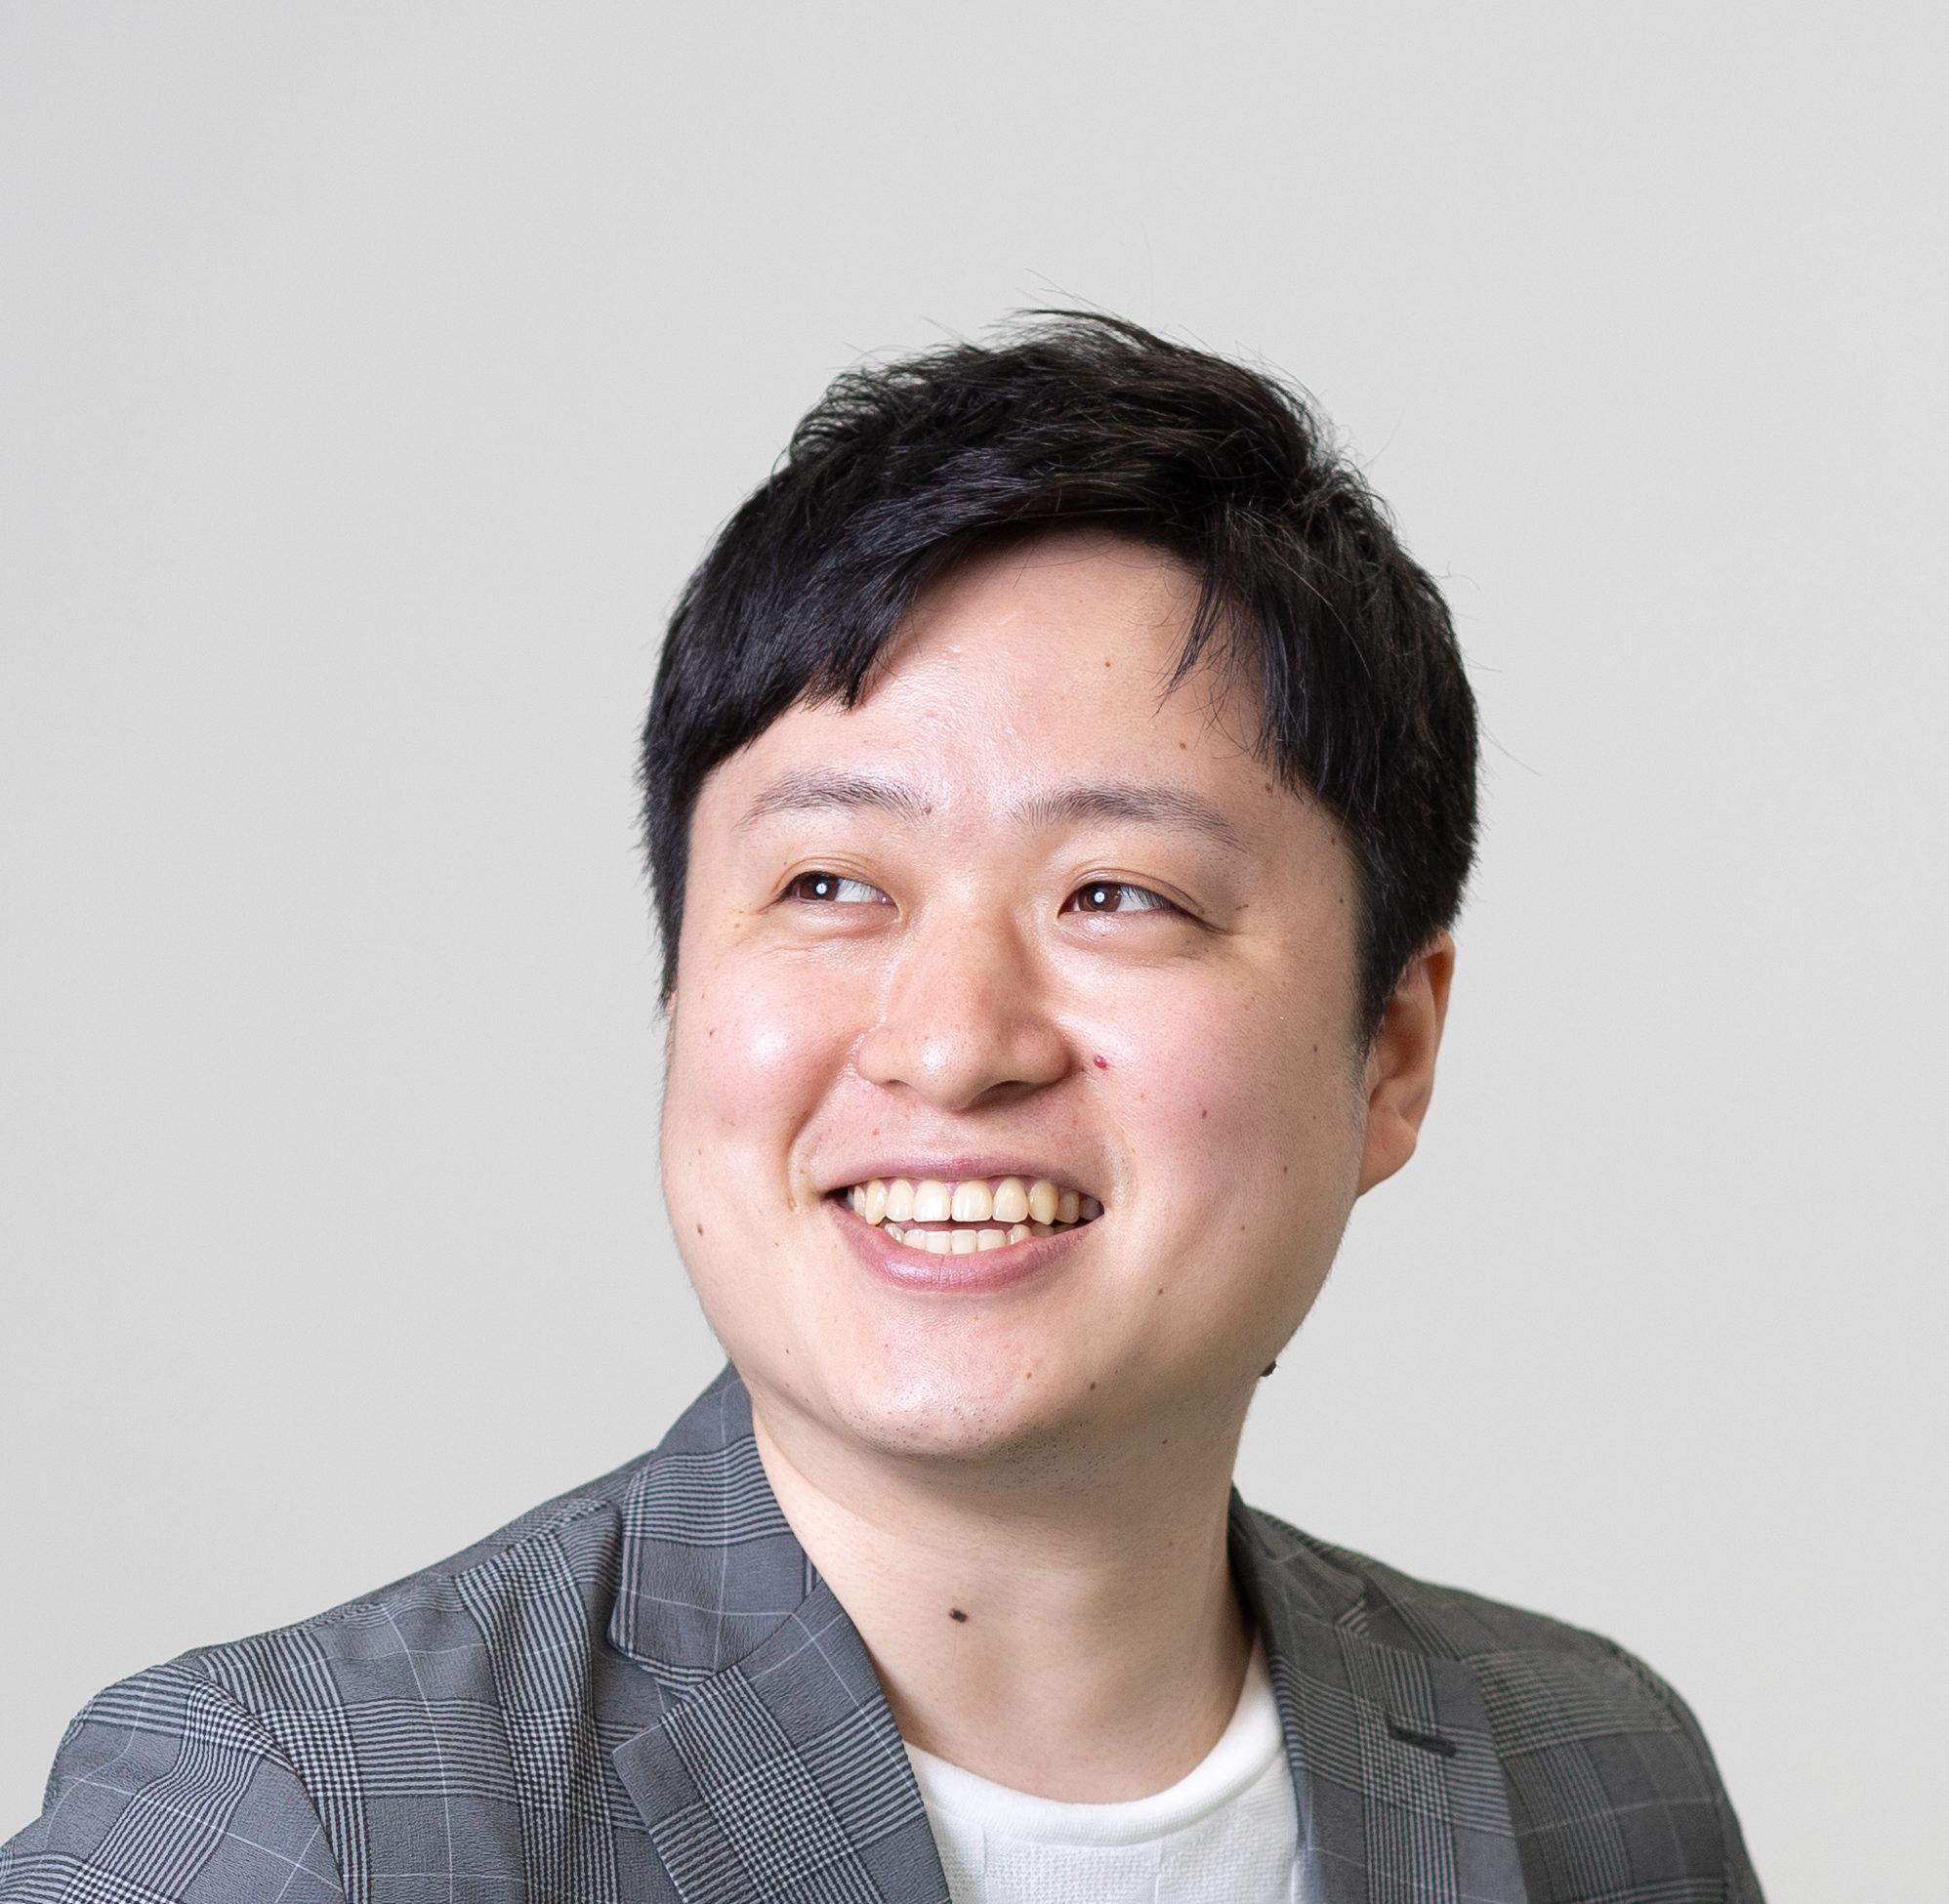 Yoshiaki.U